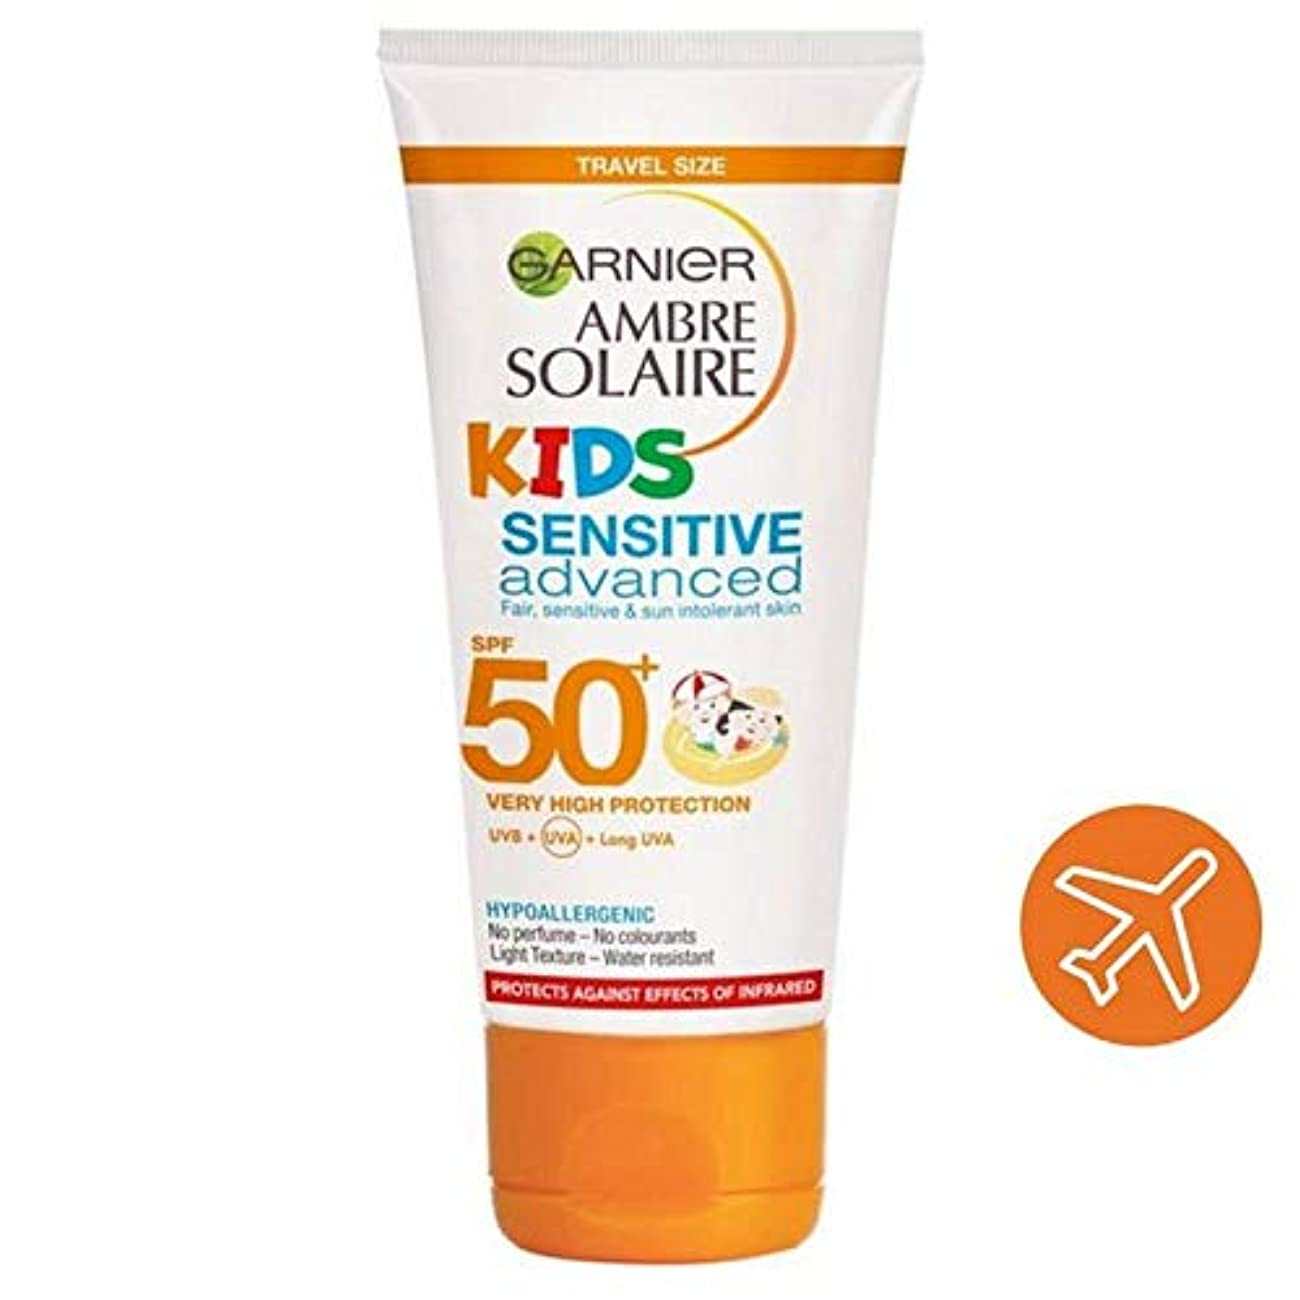 口述不名誉なフライト[Garnier ] アンブレSolaire子供敏感サンクリームSpf50 + 50ミリリットル - Ambre Solaire Kids Sensitive Sun Cream SPF50+ 50ml [並行輸入品]